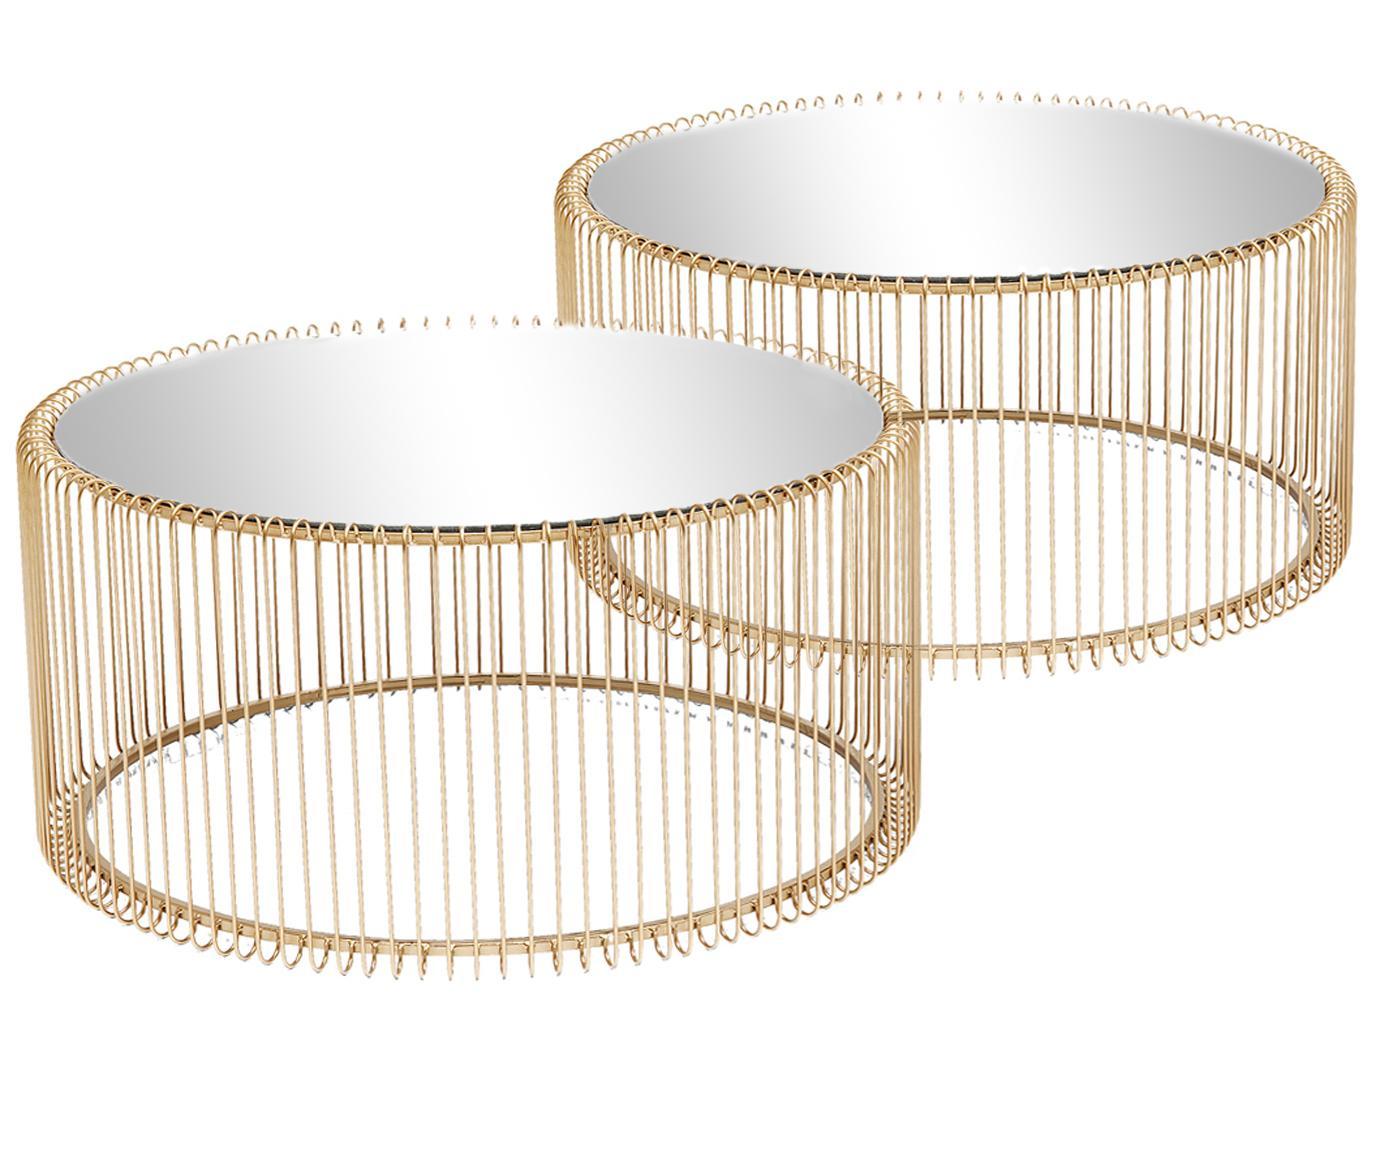 Metalen salontafelset Wire, 2-delig, met glazen tafelbladen, Frame: gepoedercoat metaal, Tafelblad: veiligheidsglas, Messingkleurig, Verschillende formaten